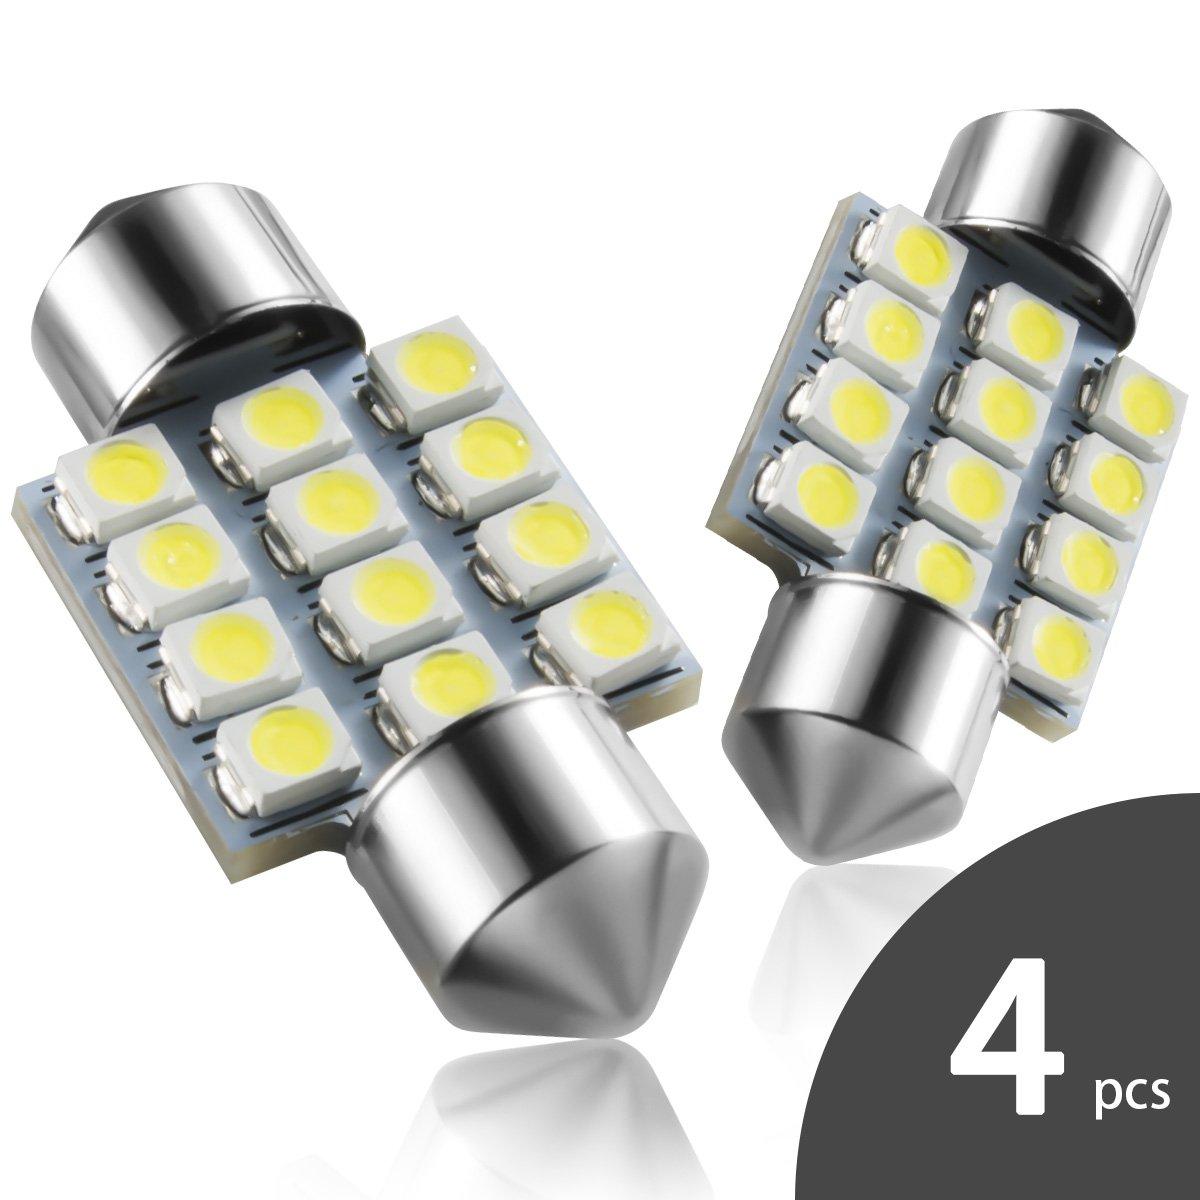 DE3175 31mm LED Interior Dome Light Map Bulb Door Courtesy For Car - Marsauto 1.25'' DE3021 DE3022 Festoon bulbs (4 pcs)